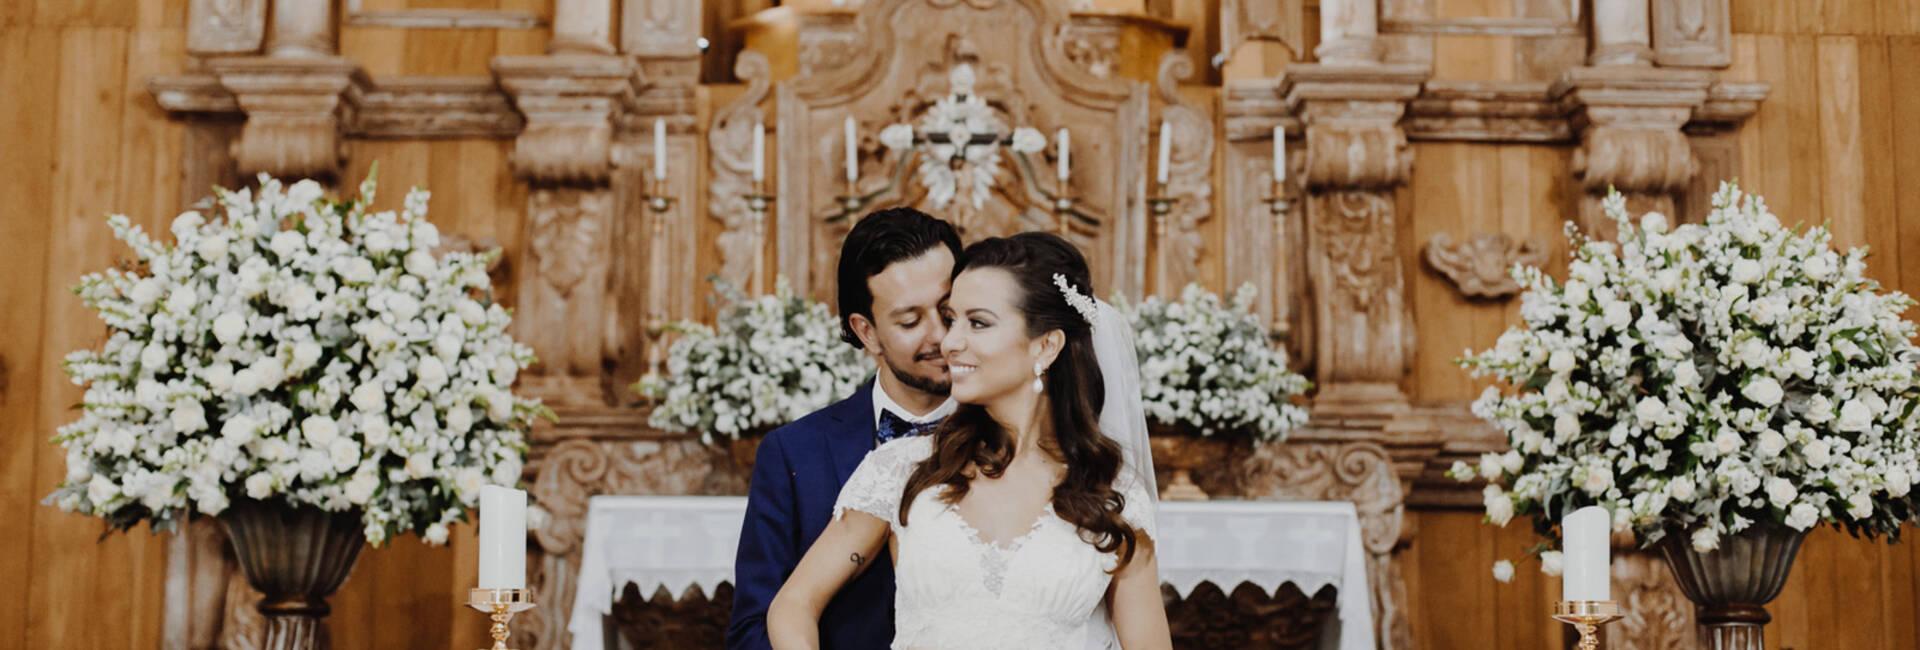 Casamentos de Giselle e Pedro